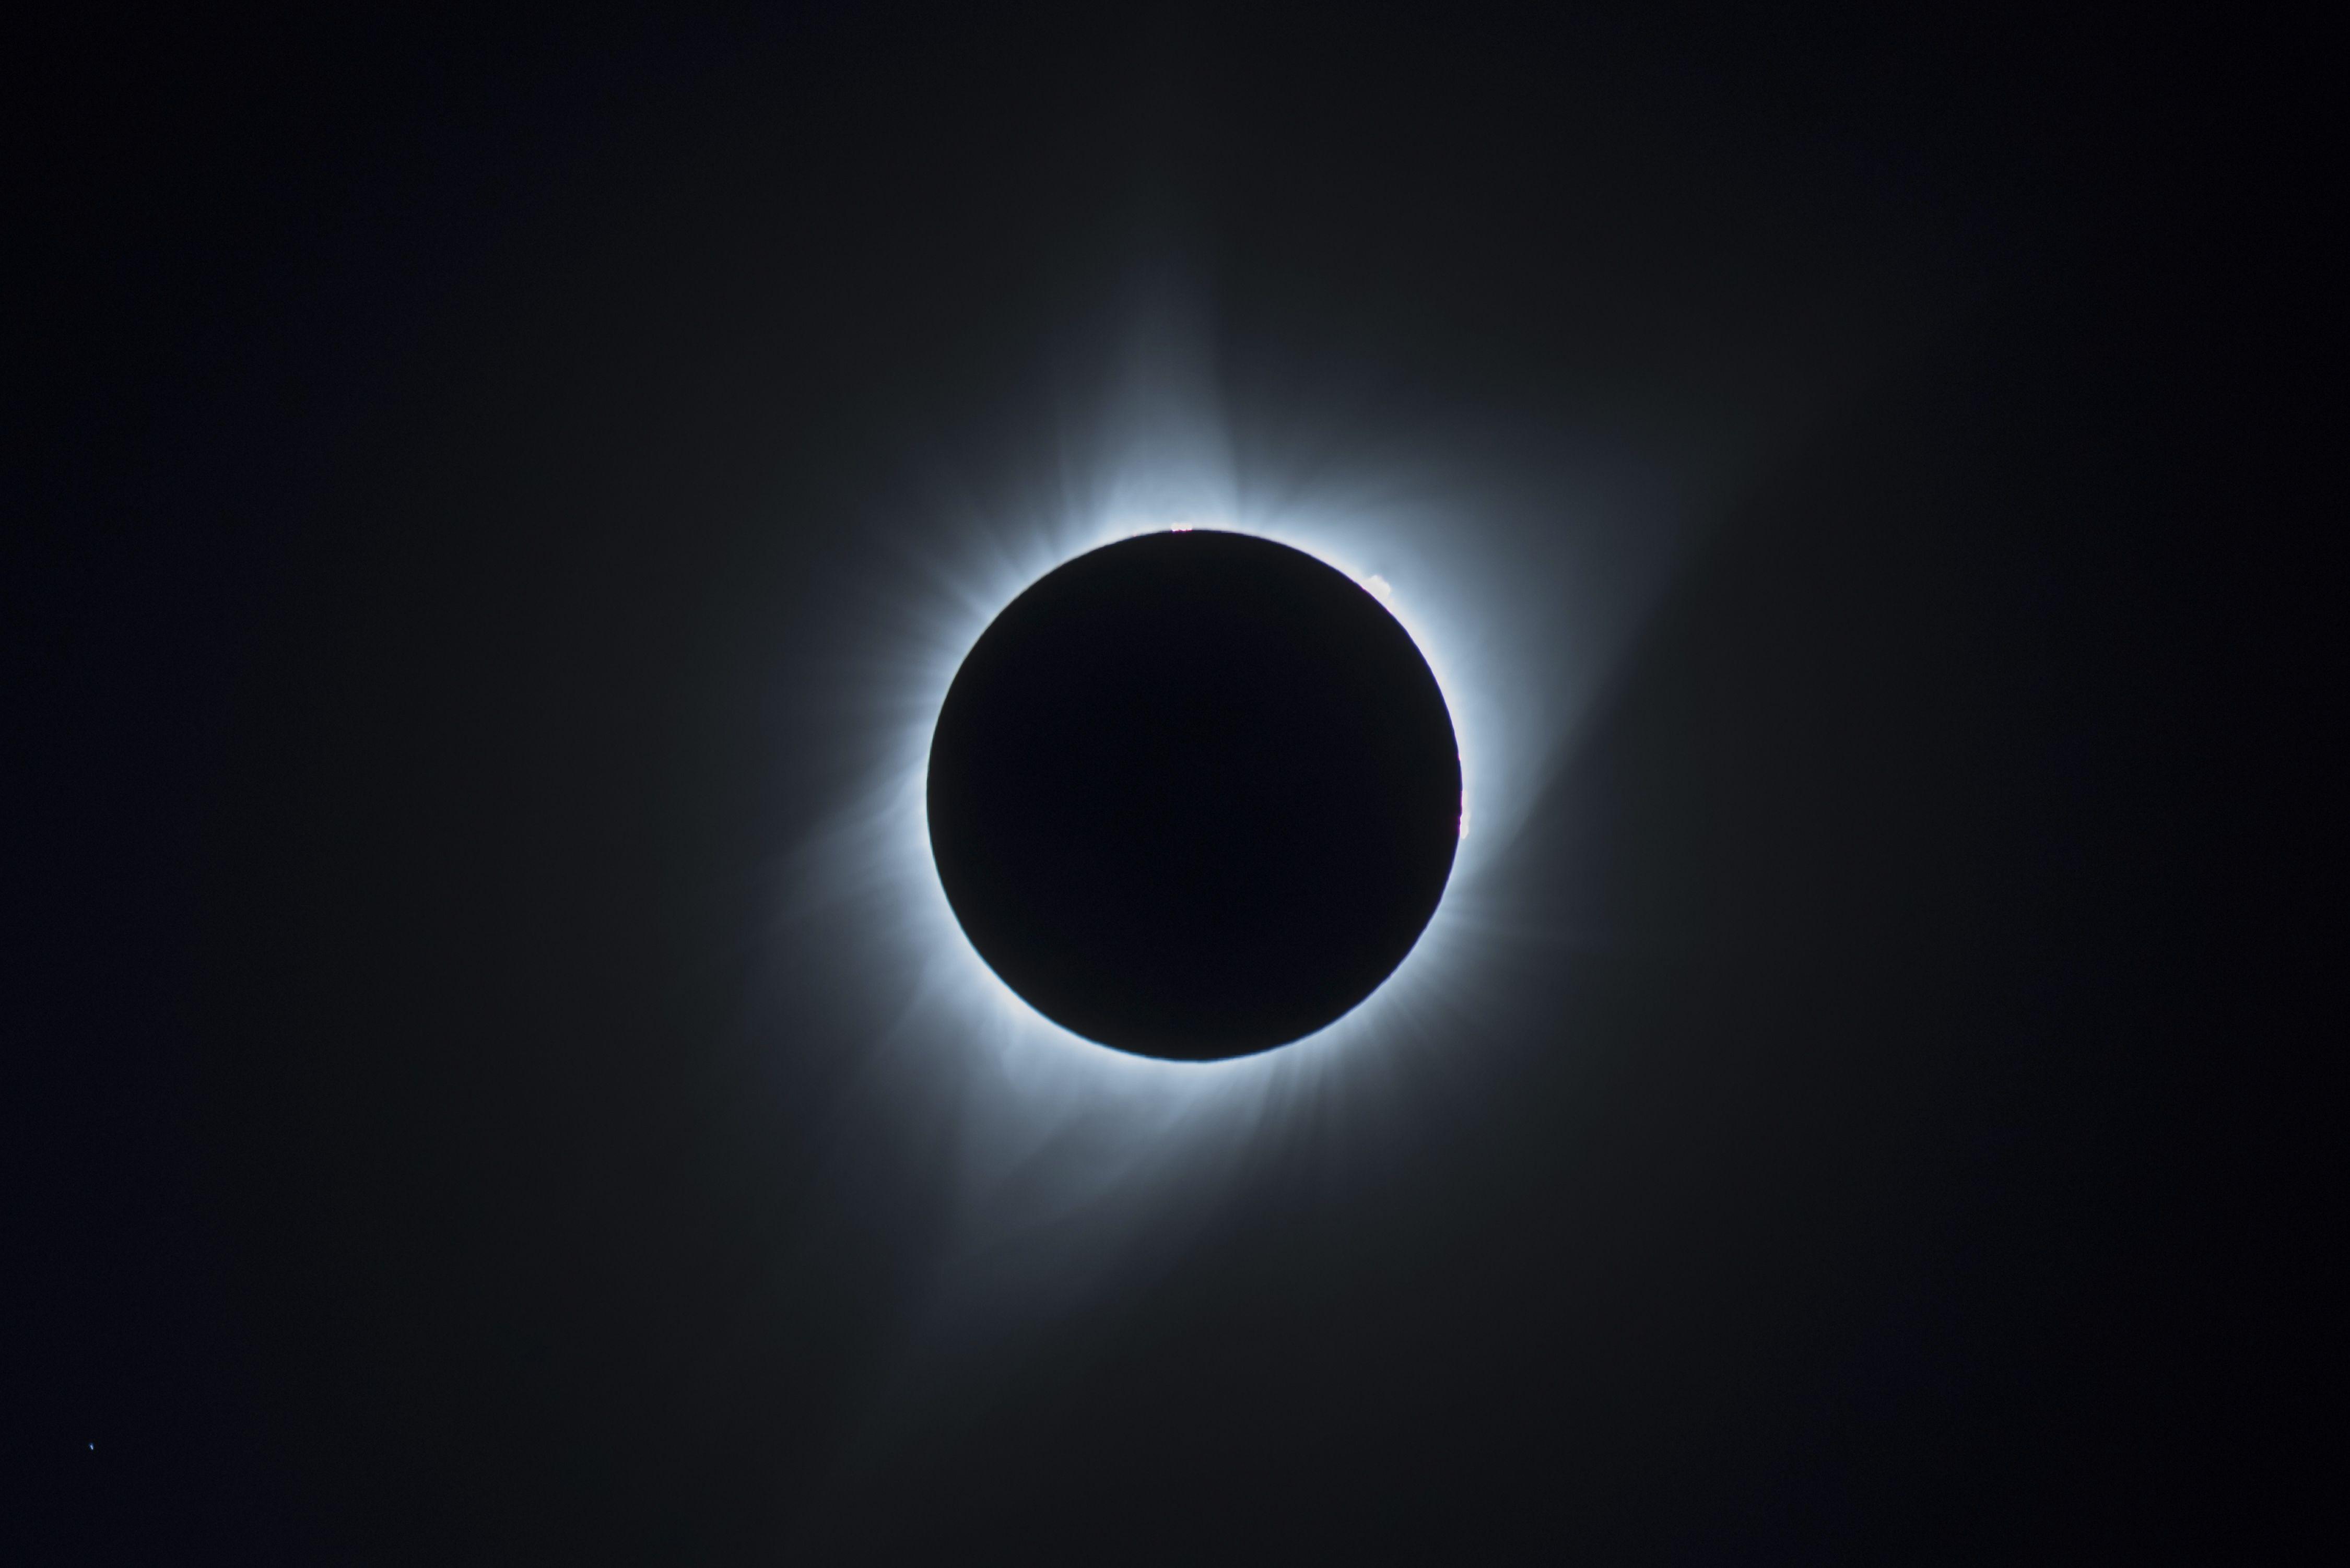 Что нельзя делать в затмение — Во время затмений лучше не нарываться, сообщила астролог